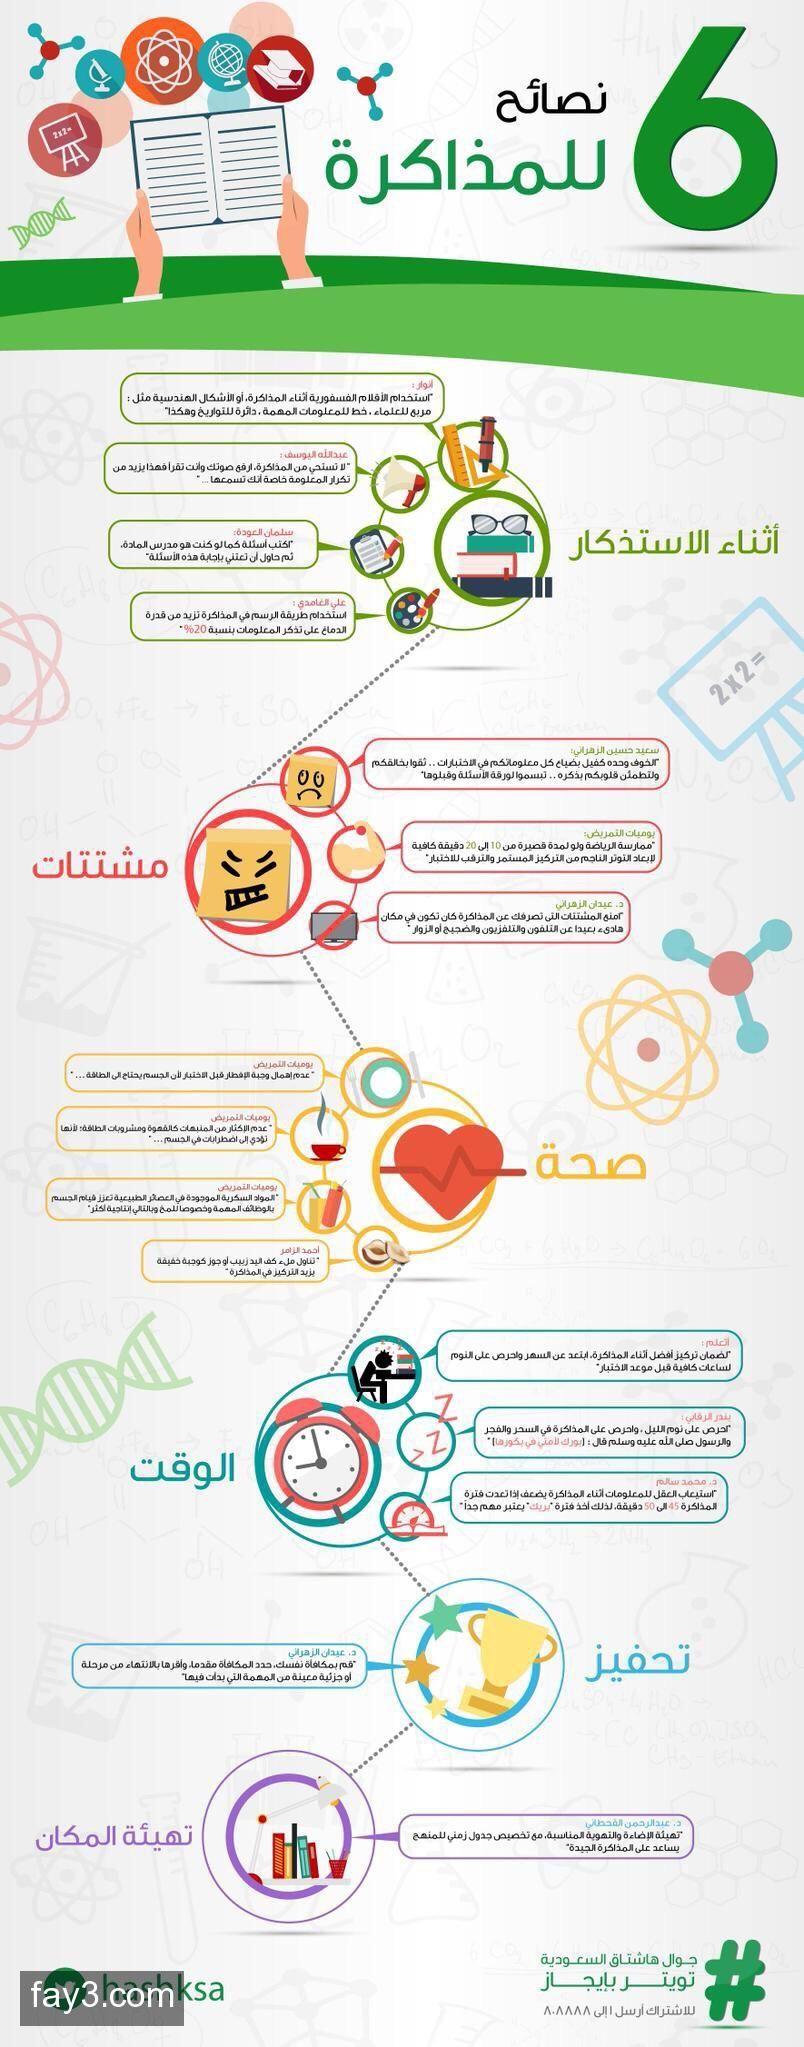 انفوجرافيك اختبارات ٦ نصائح للمذاكرة Study Skills Social Emotional Learning Learning Websites